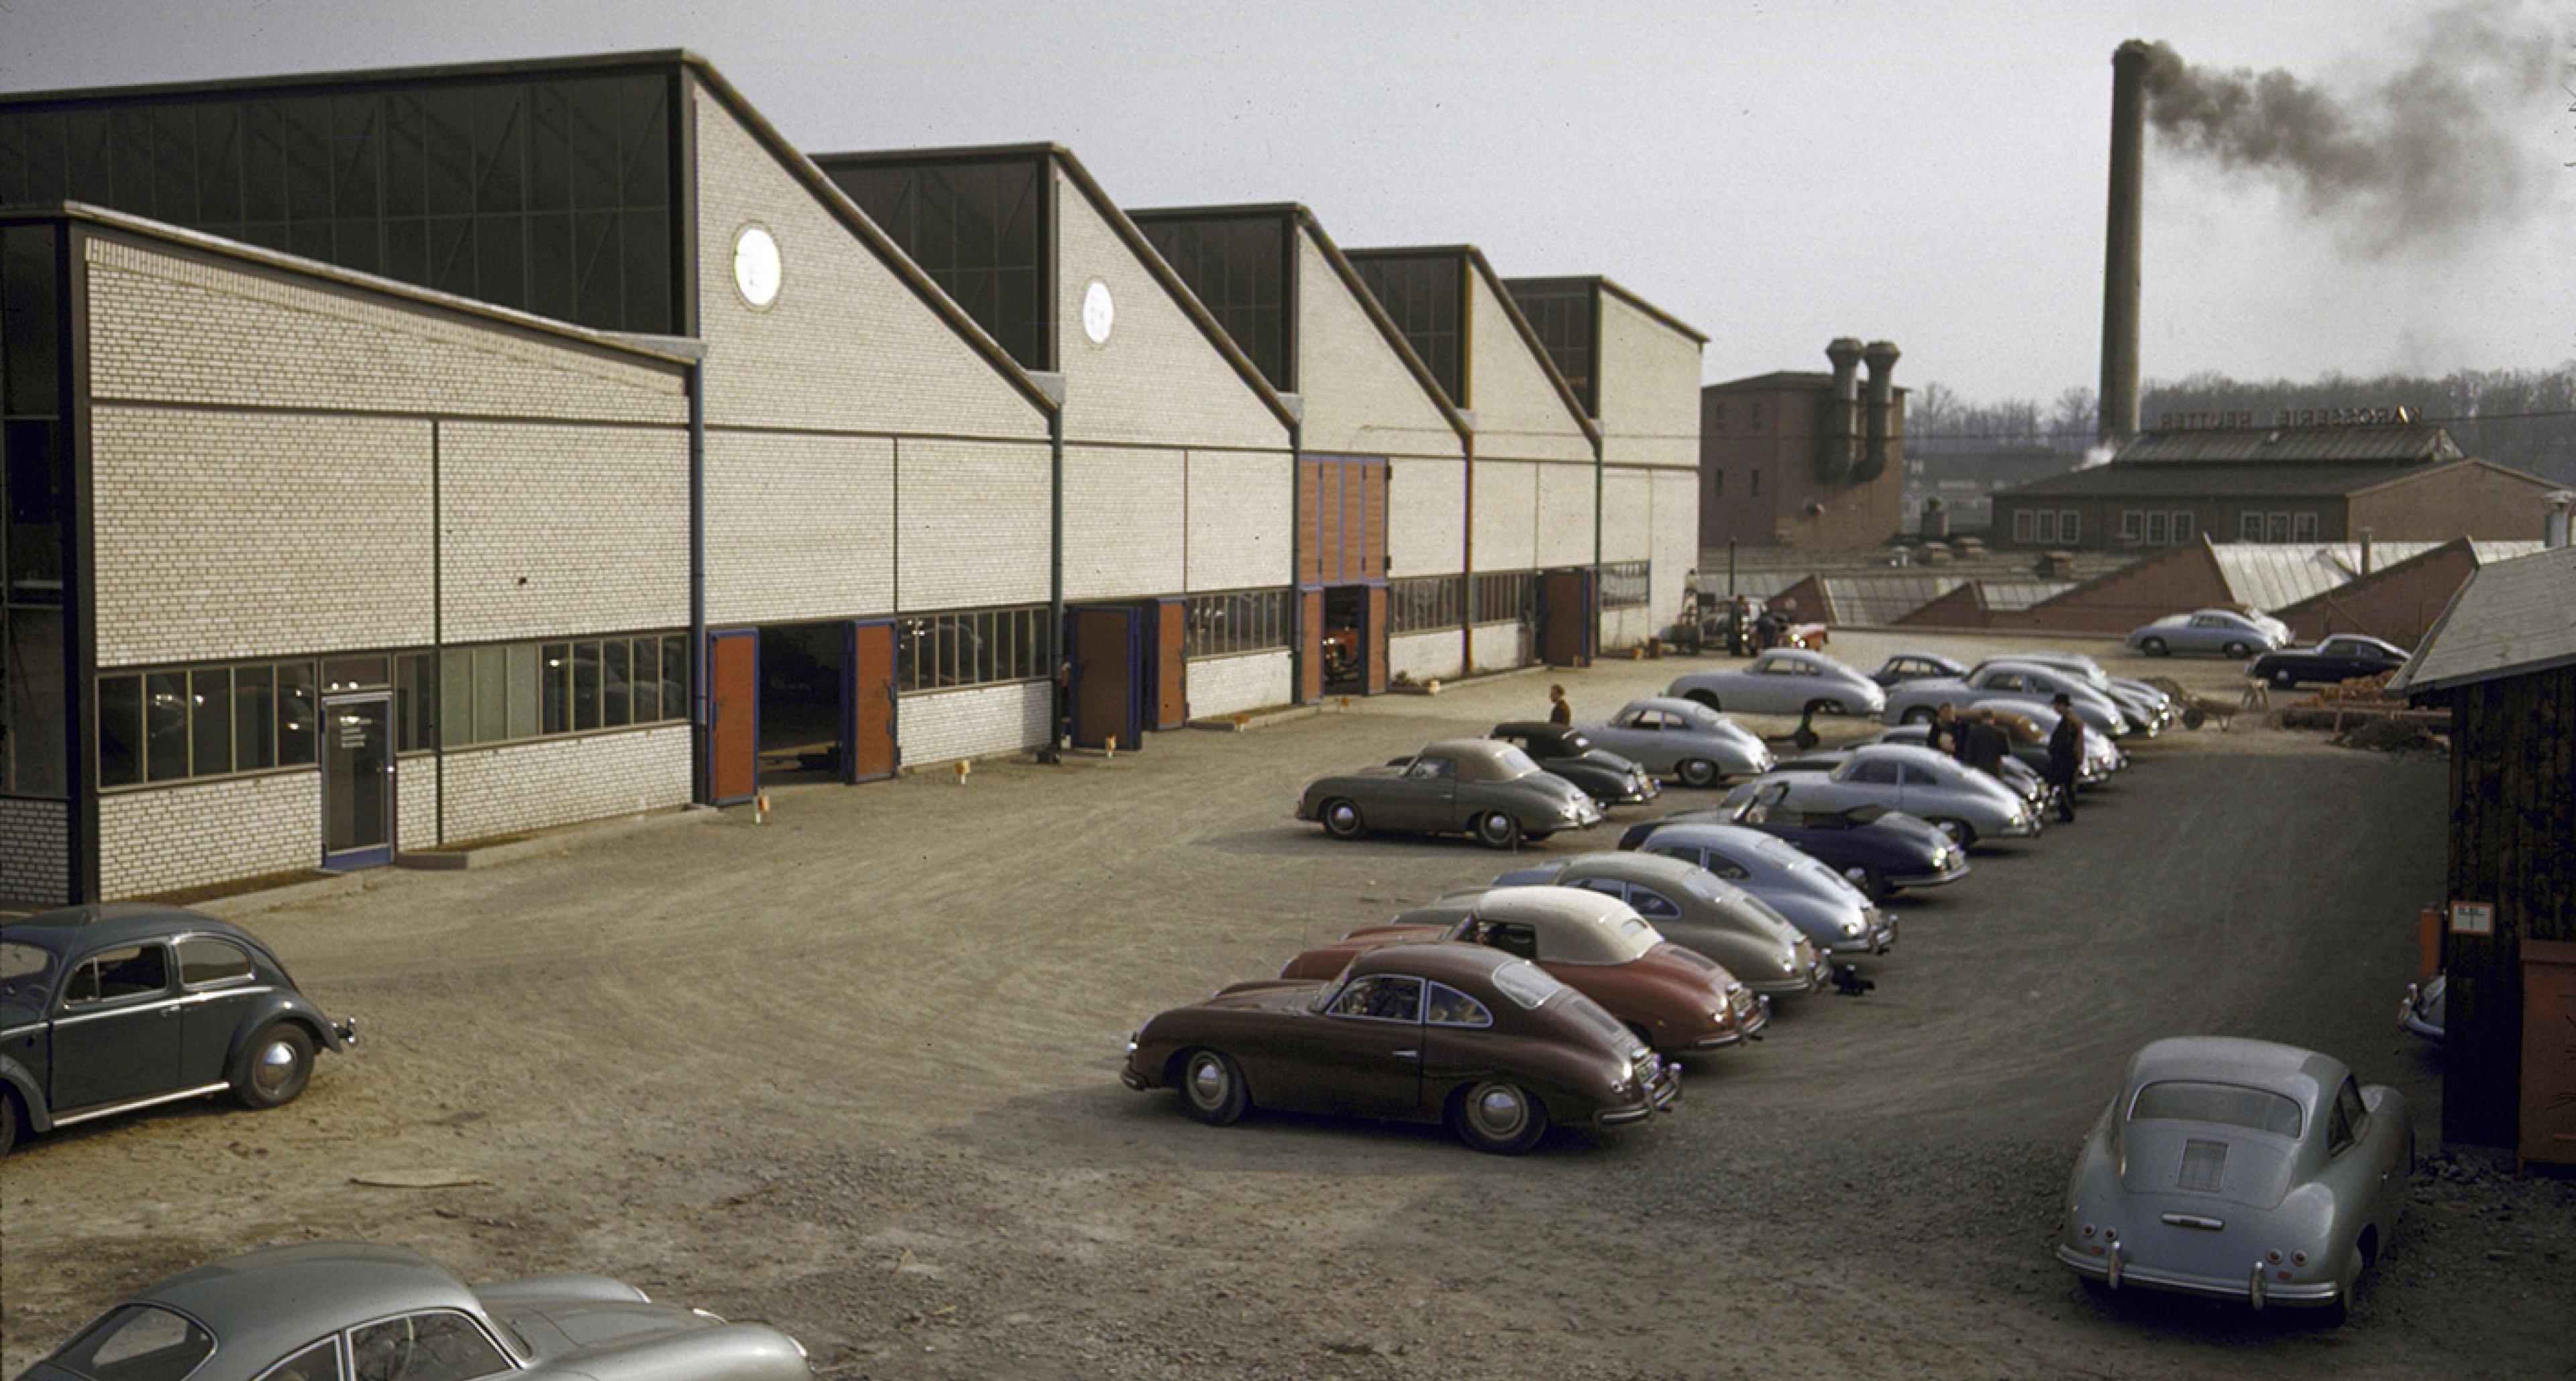 356s line up outside Porsche HQ